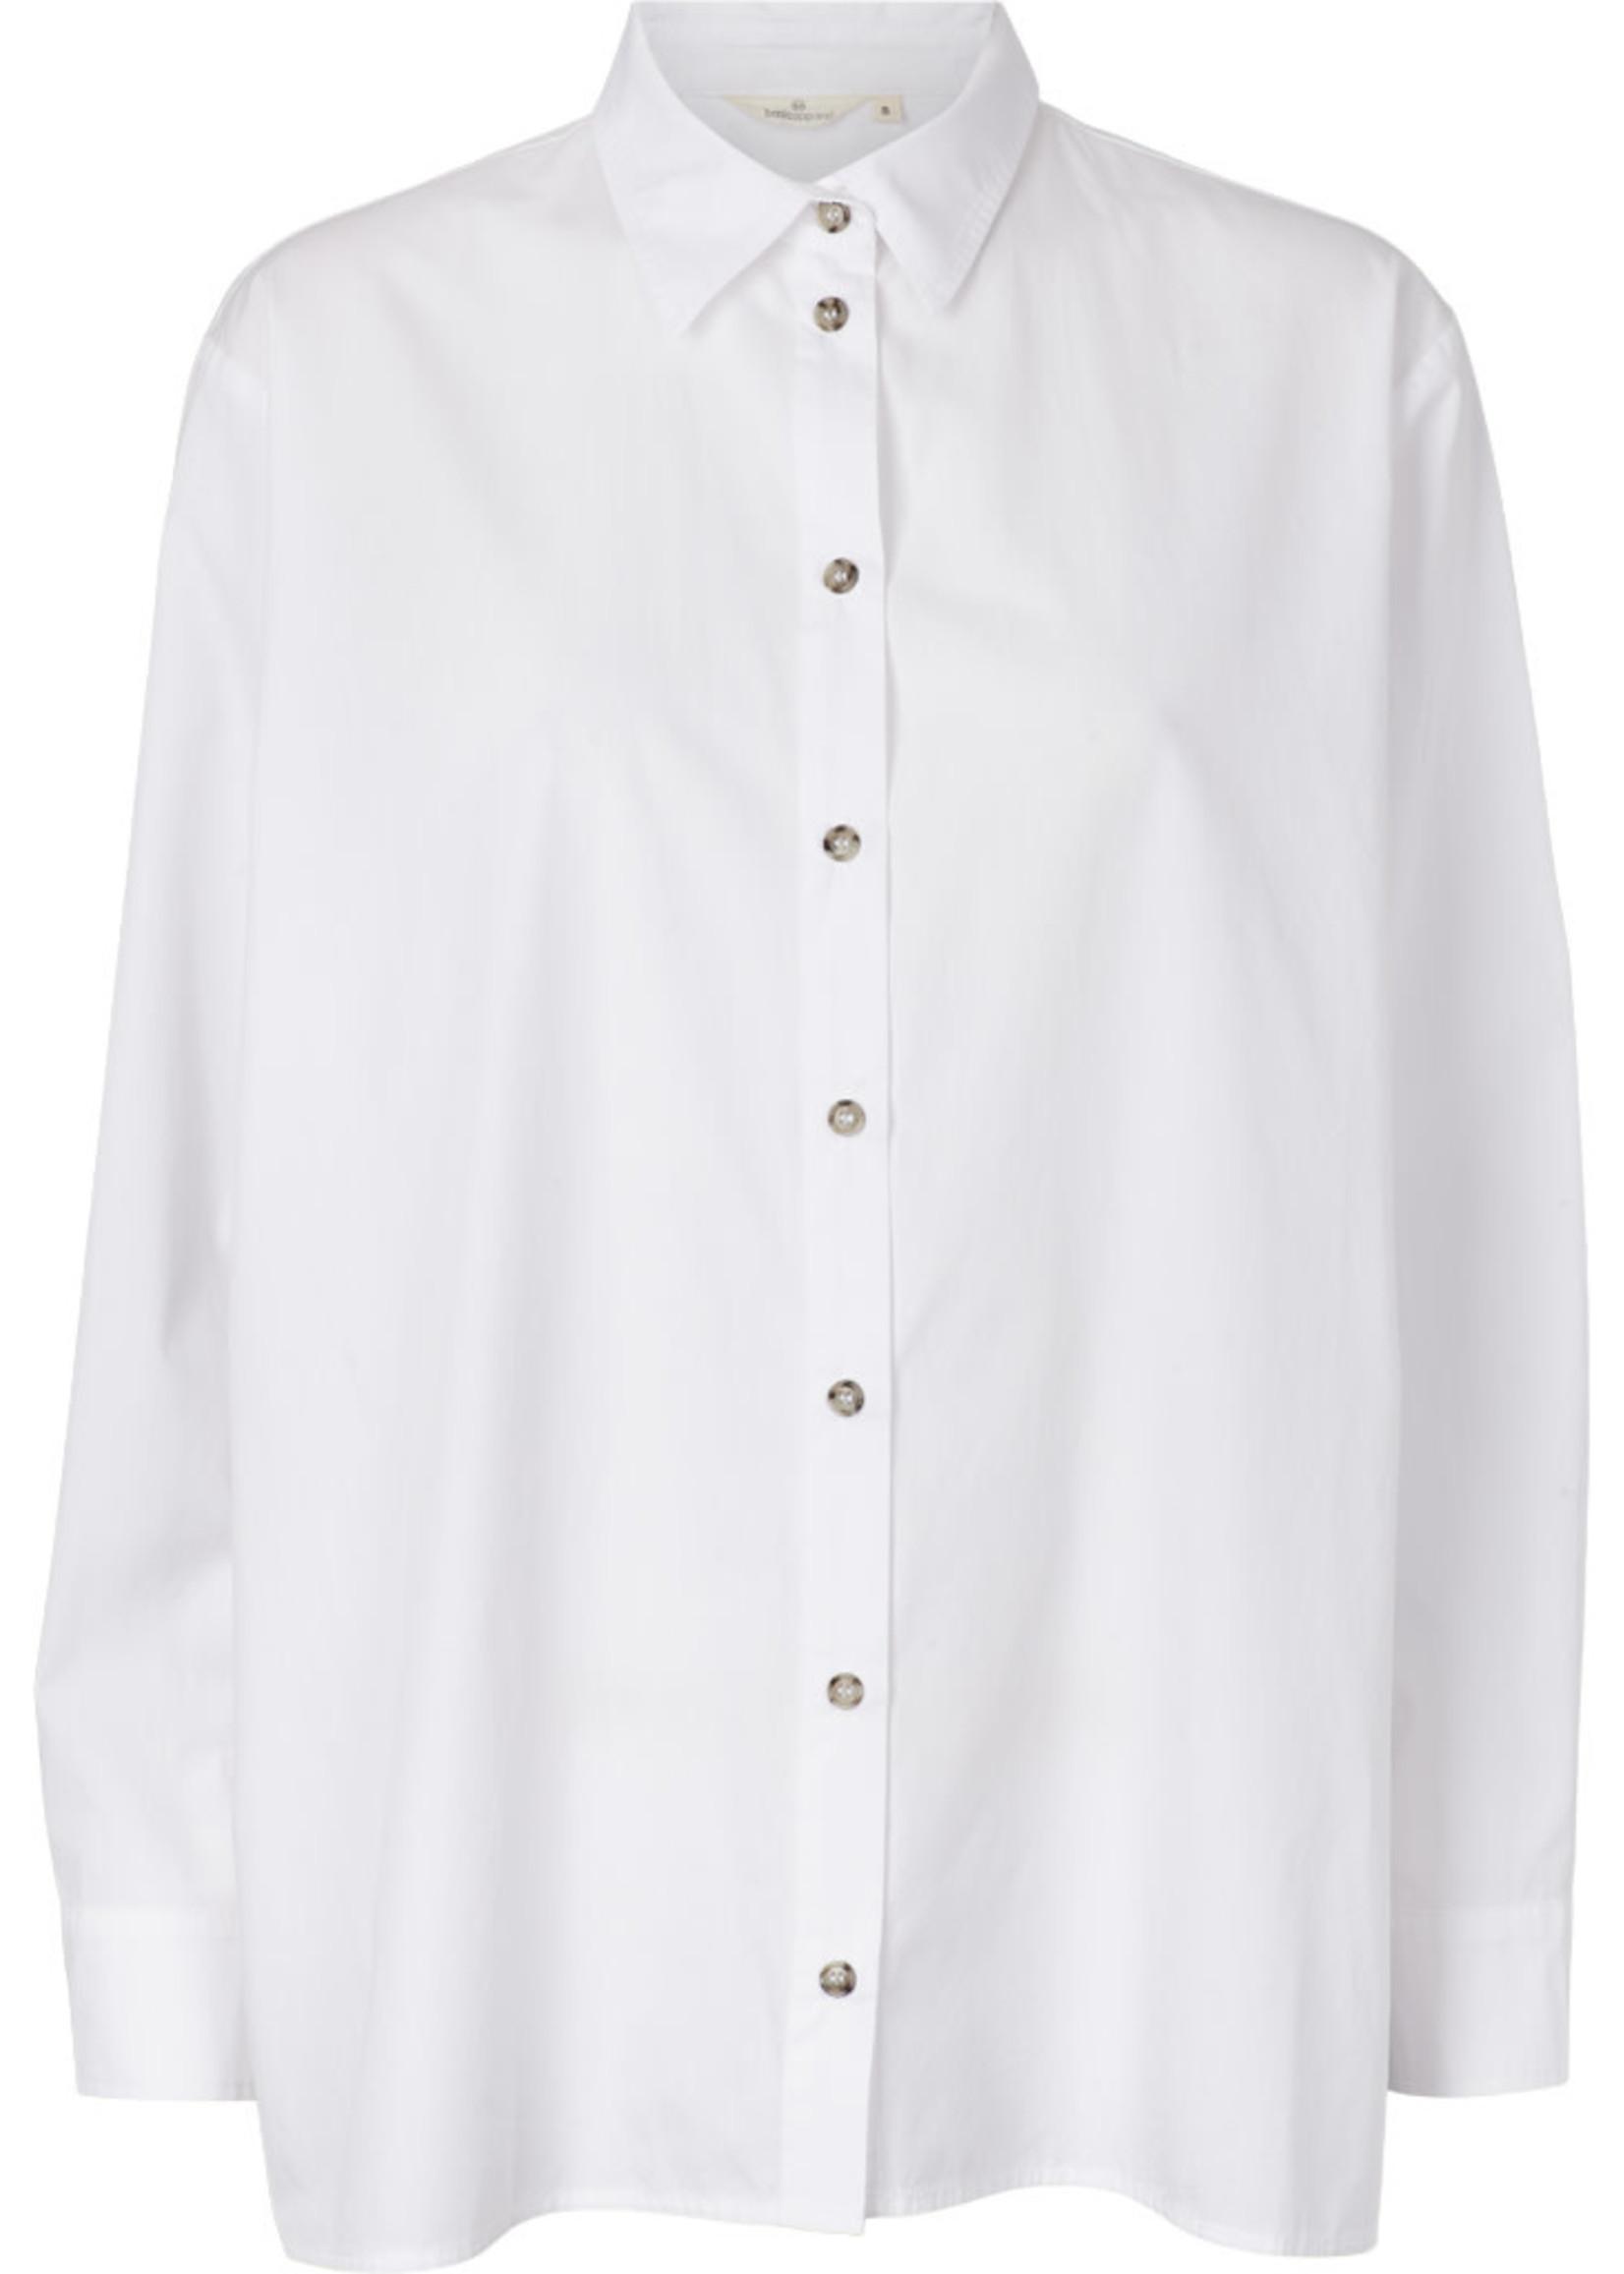 Basic Apparel Vilde Loose Shirt